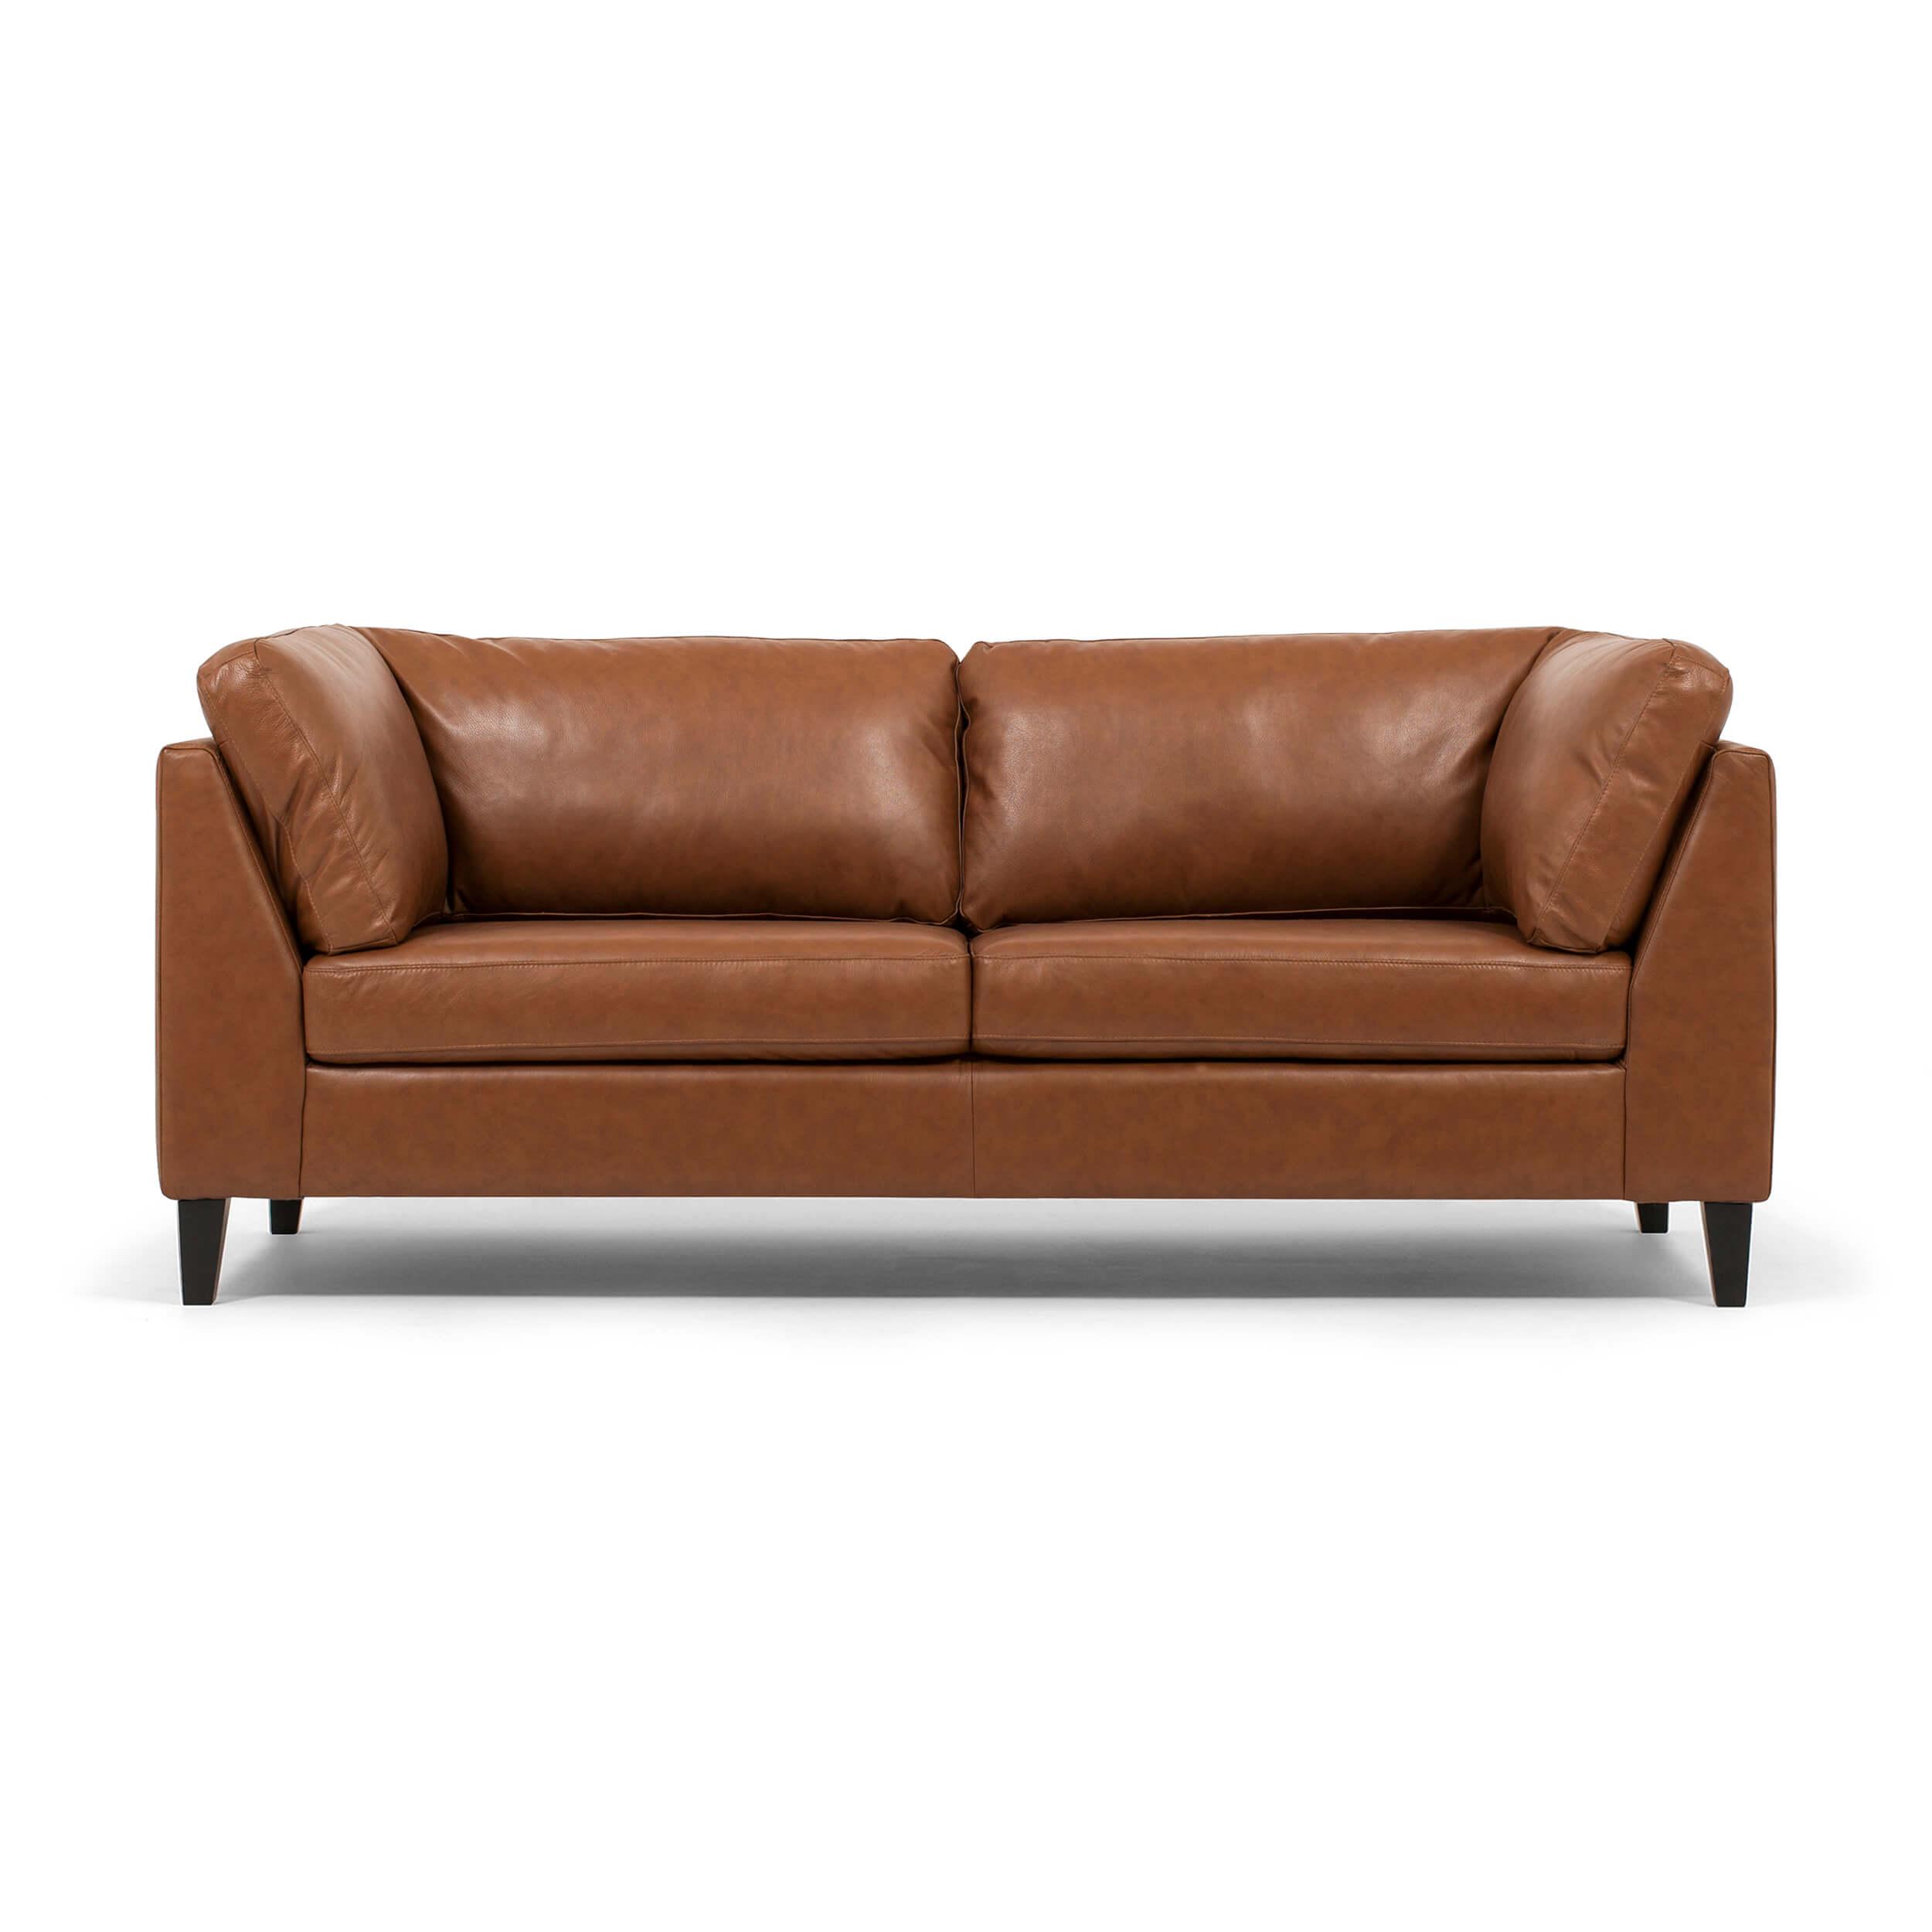 Salema Apartment Sofa - Leather